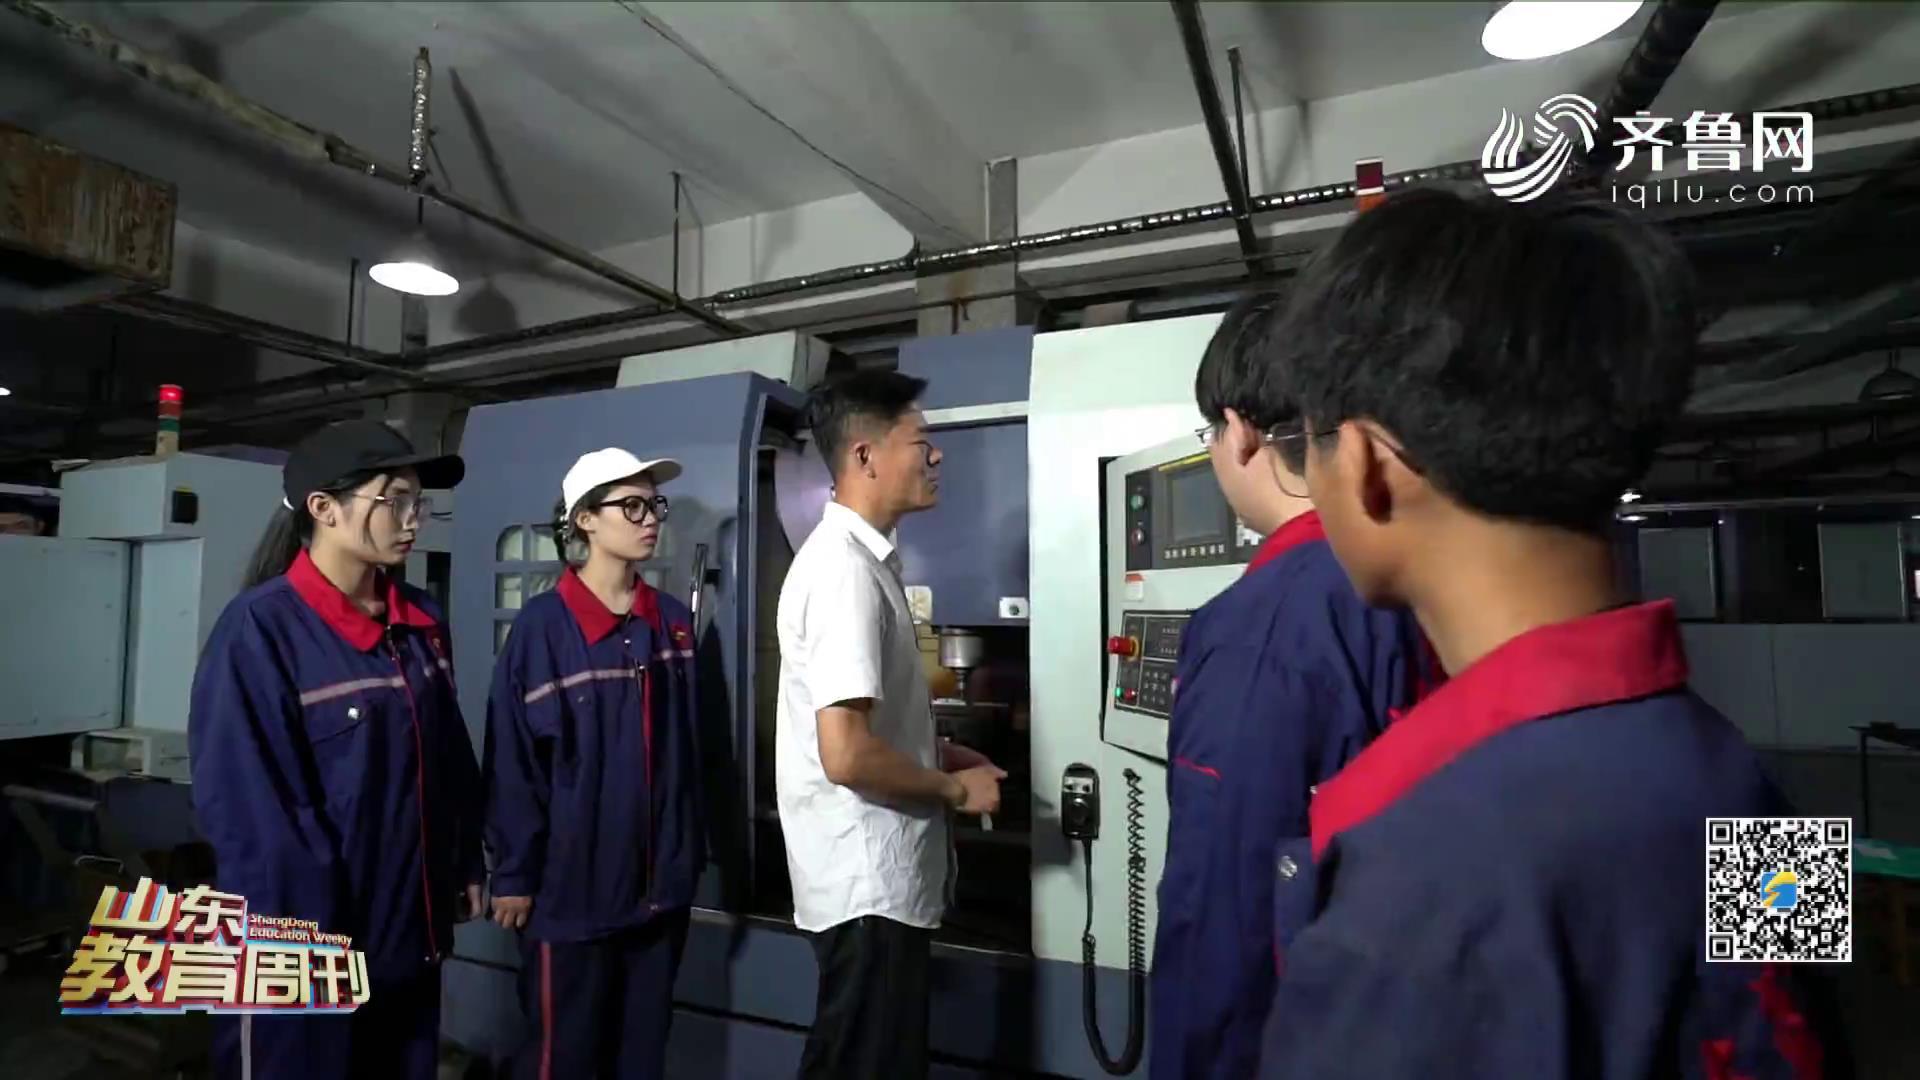 43名湖南贫困学生到济南接受免费技能培训《山东教育周刊》20200927播出